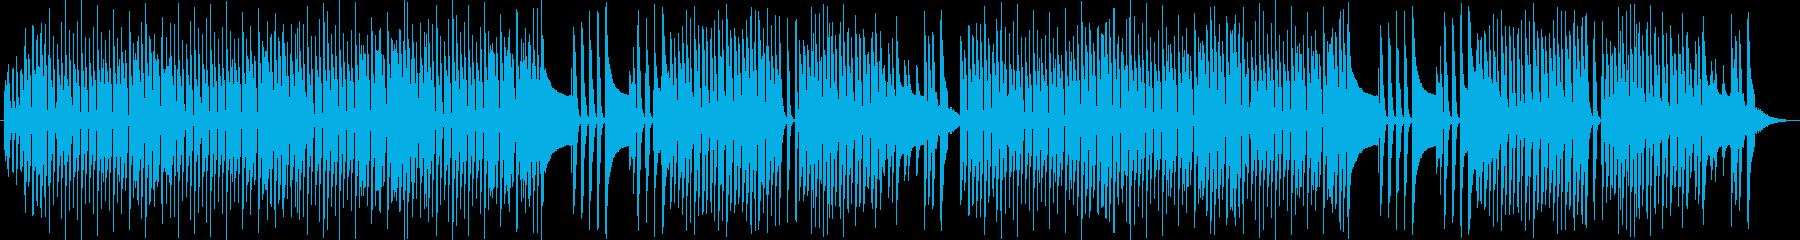 ポルカ風軽快な四つ打ち、木琴スタイルの再生済みの波形